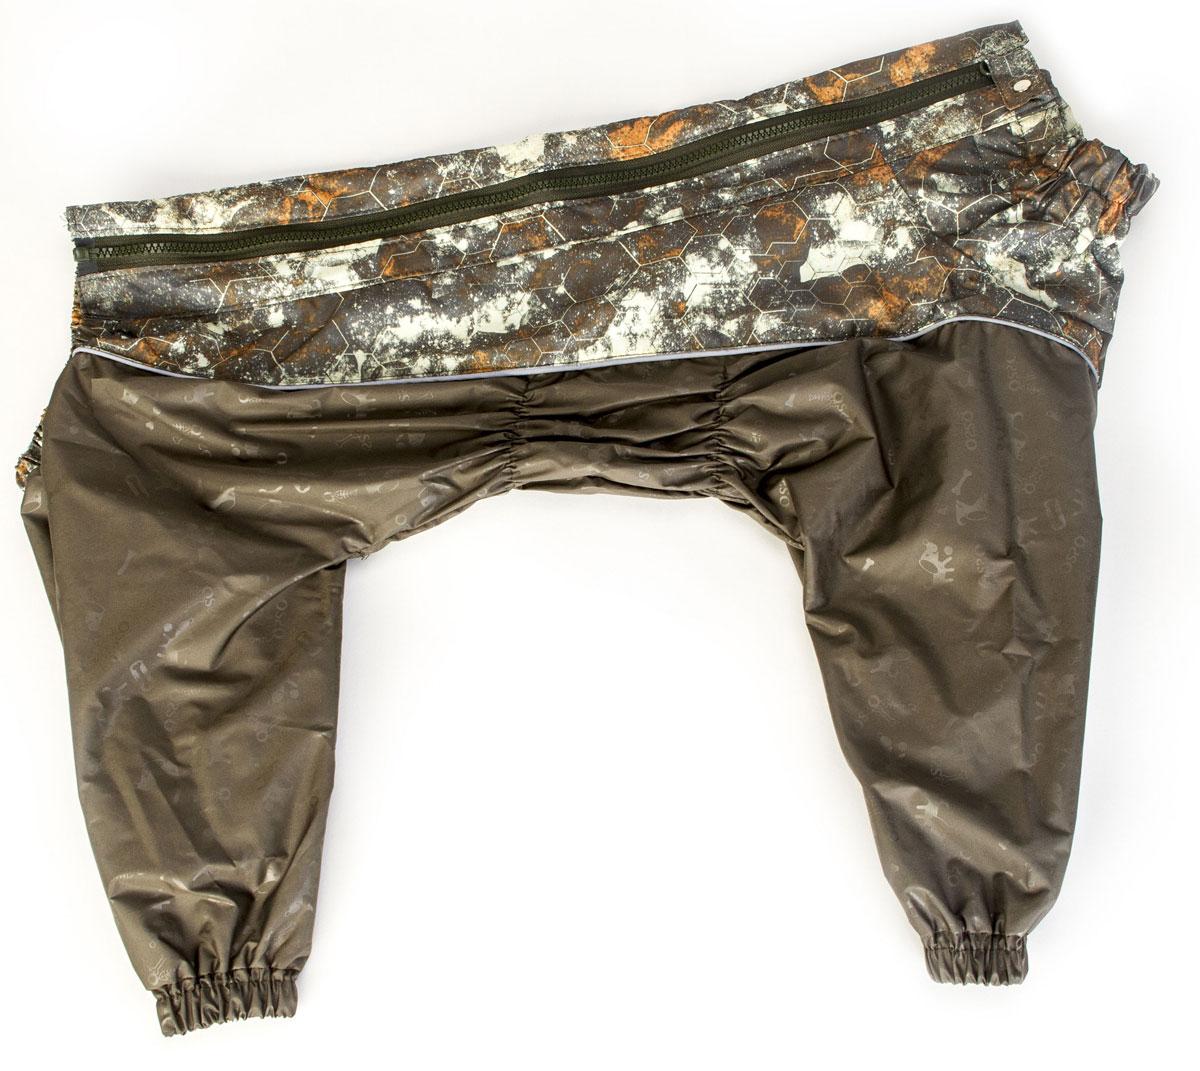 Комбинезон для собак OSSO Fashion, для мальчика, цвет: хаки. Размер 50К-1015-красный-вставкаКомбинезон для собак OSSO Fashion изготовлен из водоотталкивающей и ветрозащитной ткани (100% полиэстер). Предназначен для прогулок в межсезонье, в сырую погоду для защиты собаки от грязи и воды. В комбинезоне используется отделка со светоотражающим кантом и тракторная молния со светоотражающей полосой. Комбинезон для собак эргономичен, удобен, не сковывает движений собаки при беге, во время игры и при дрессировке. Комфортная посадка по корпусу достигается за счет резинок-утяжек под грудью и животом. На воротнике имеется кнопка для фиксации. От попадания воды и грязи внутрь комбинезона низ штанин также собран на резинку.Длина спинки: 50 см.Объем груди: 52-72 см.